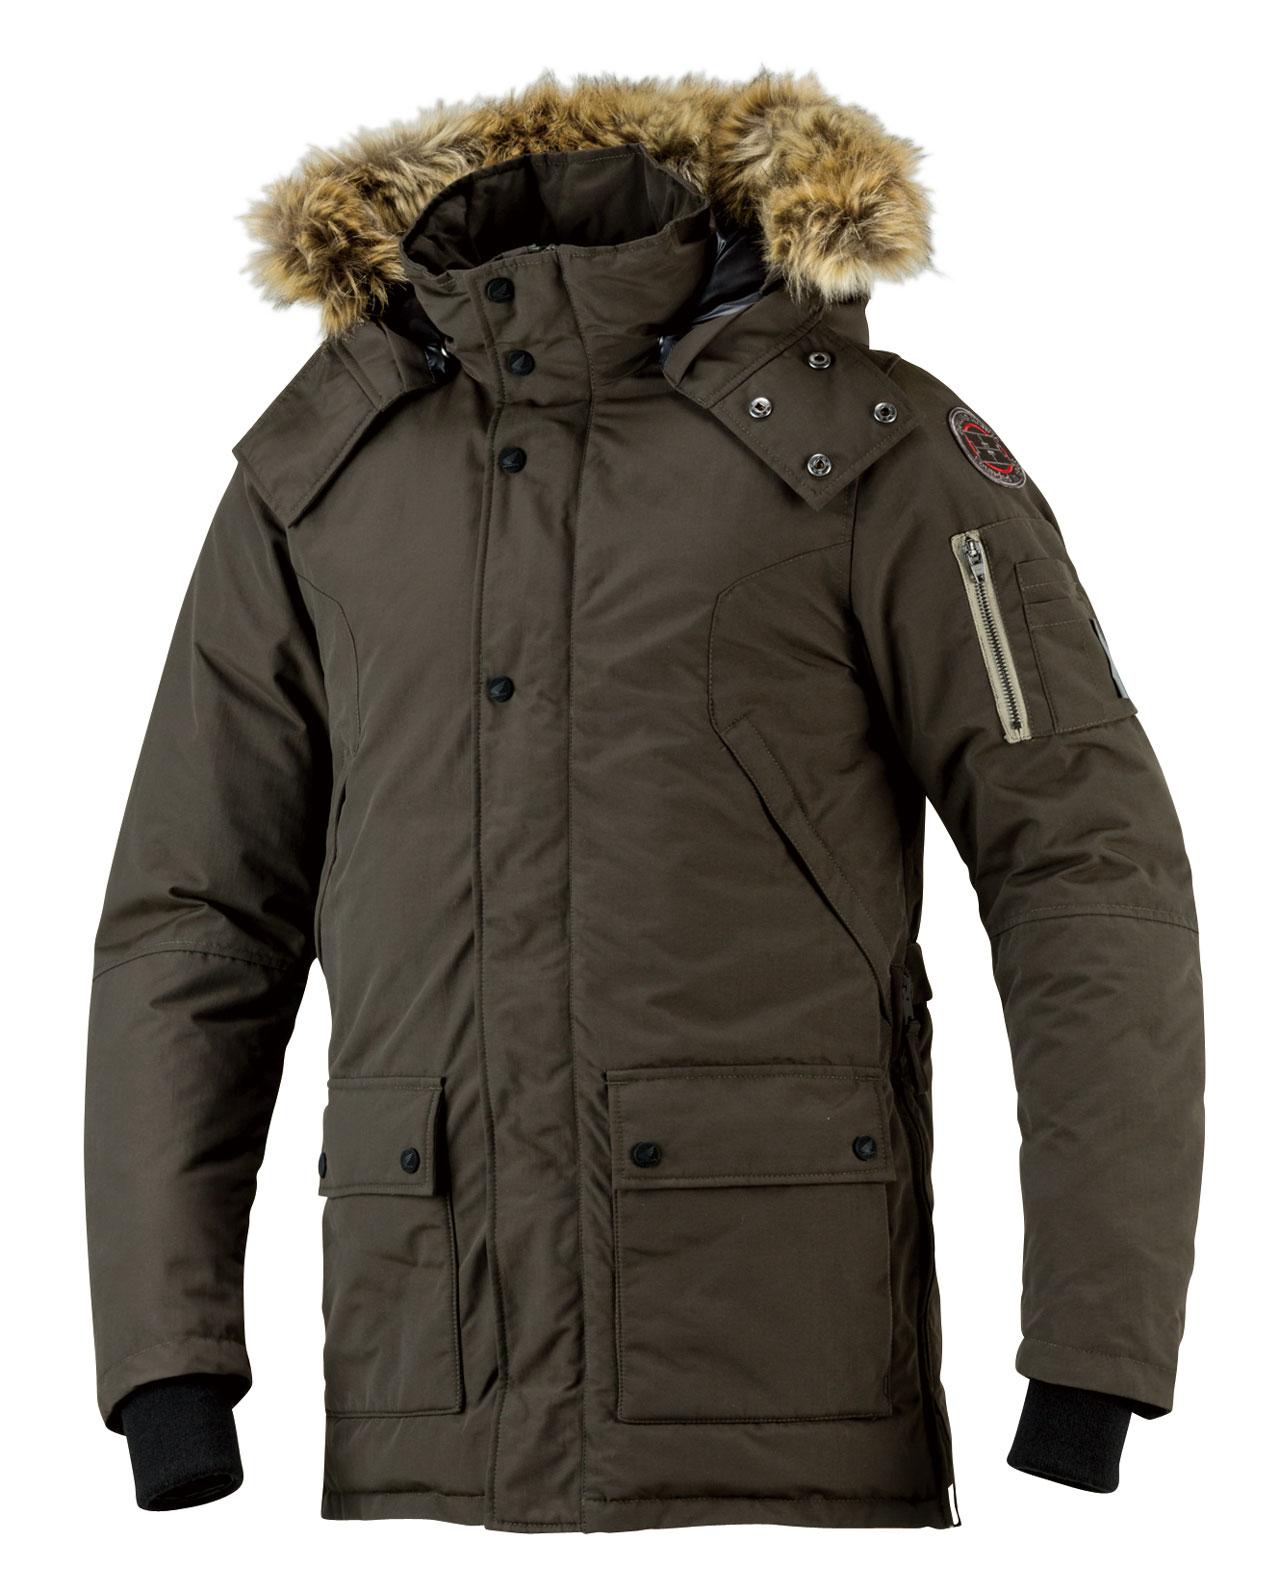 MOTO羽絨車衣防護外套